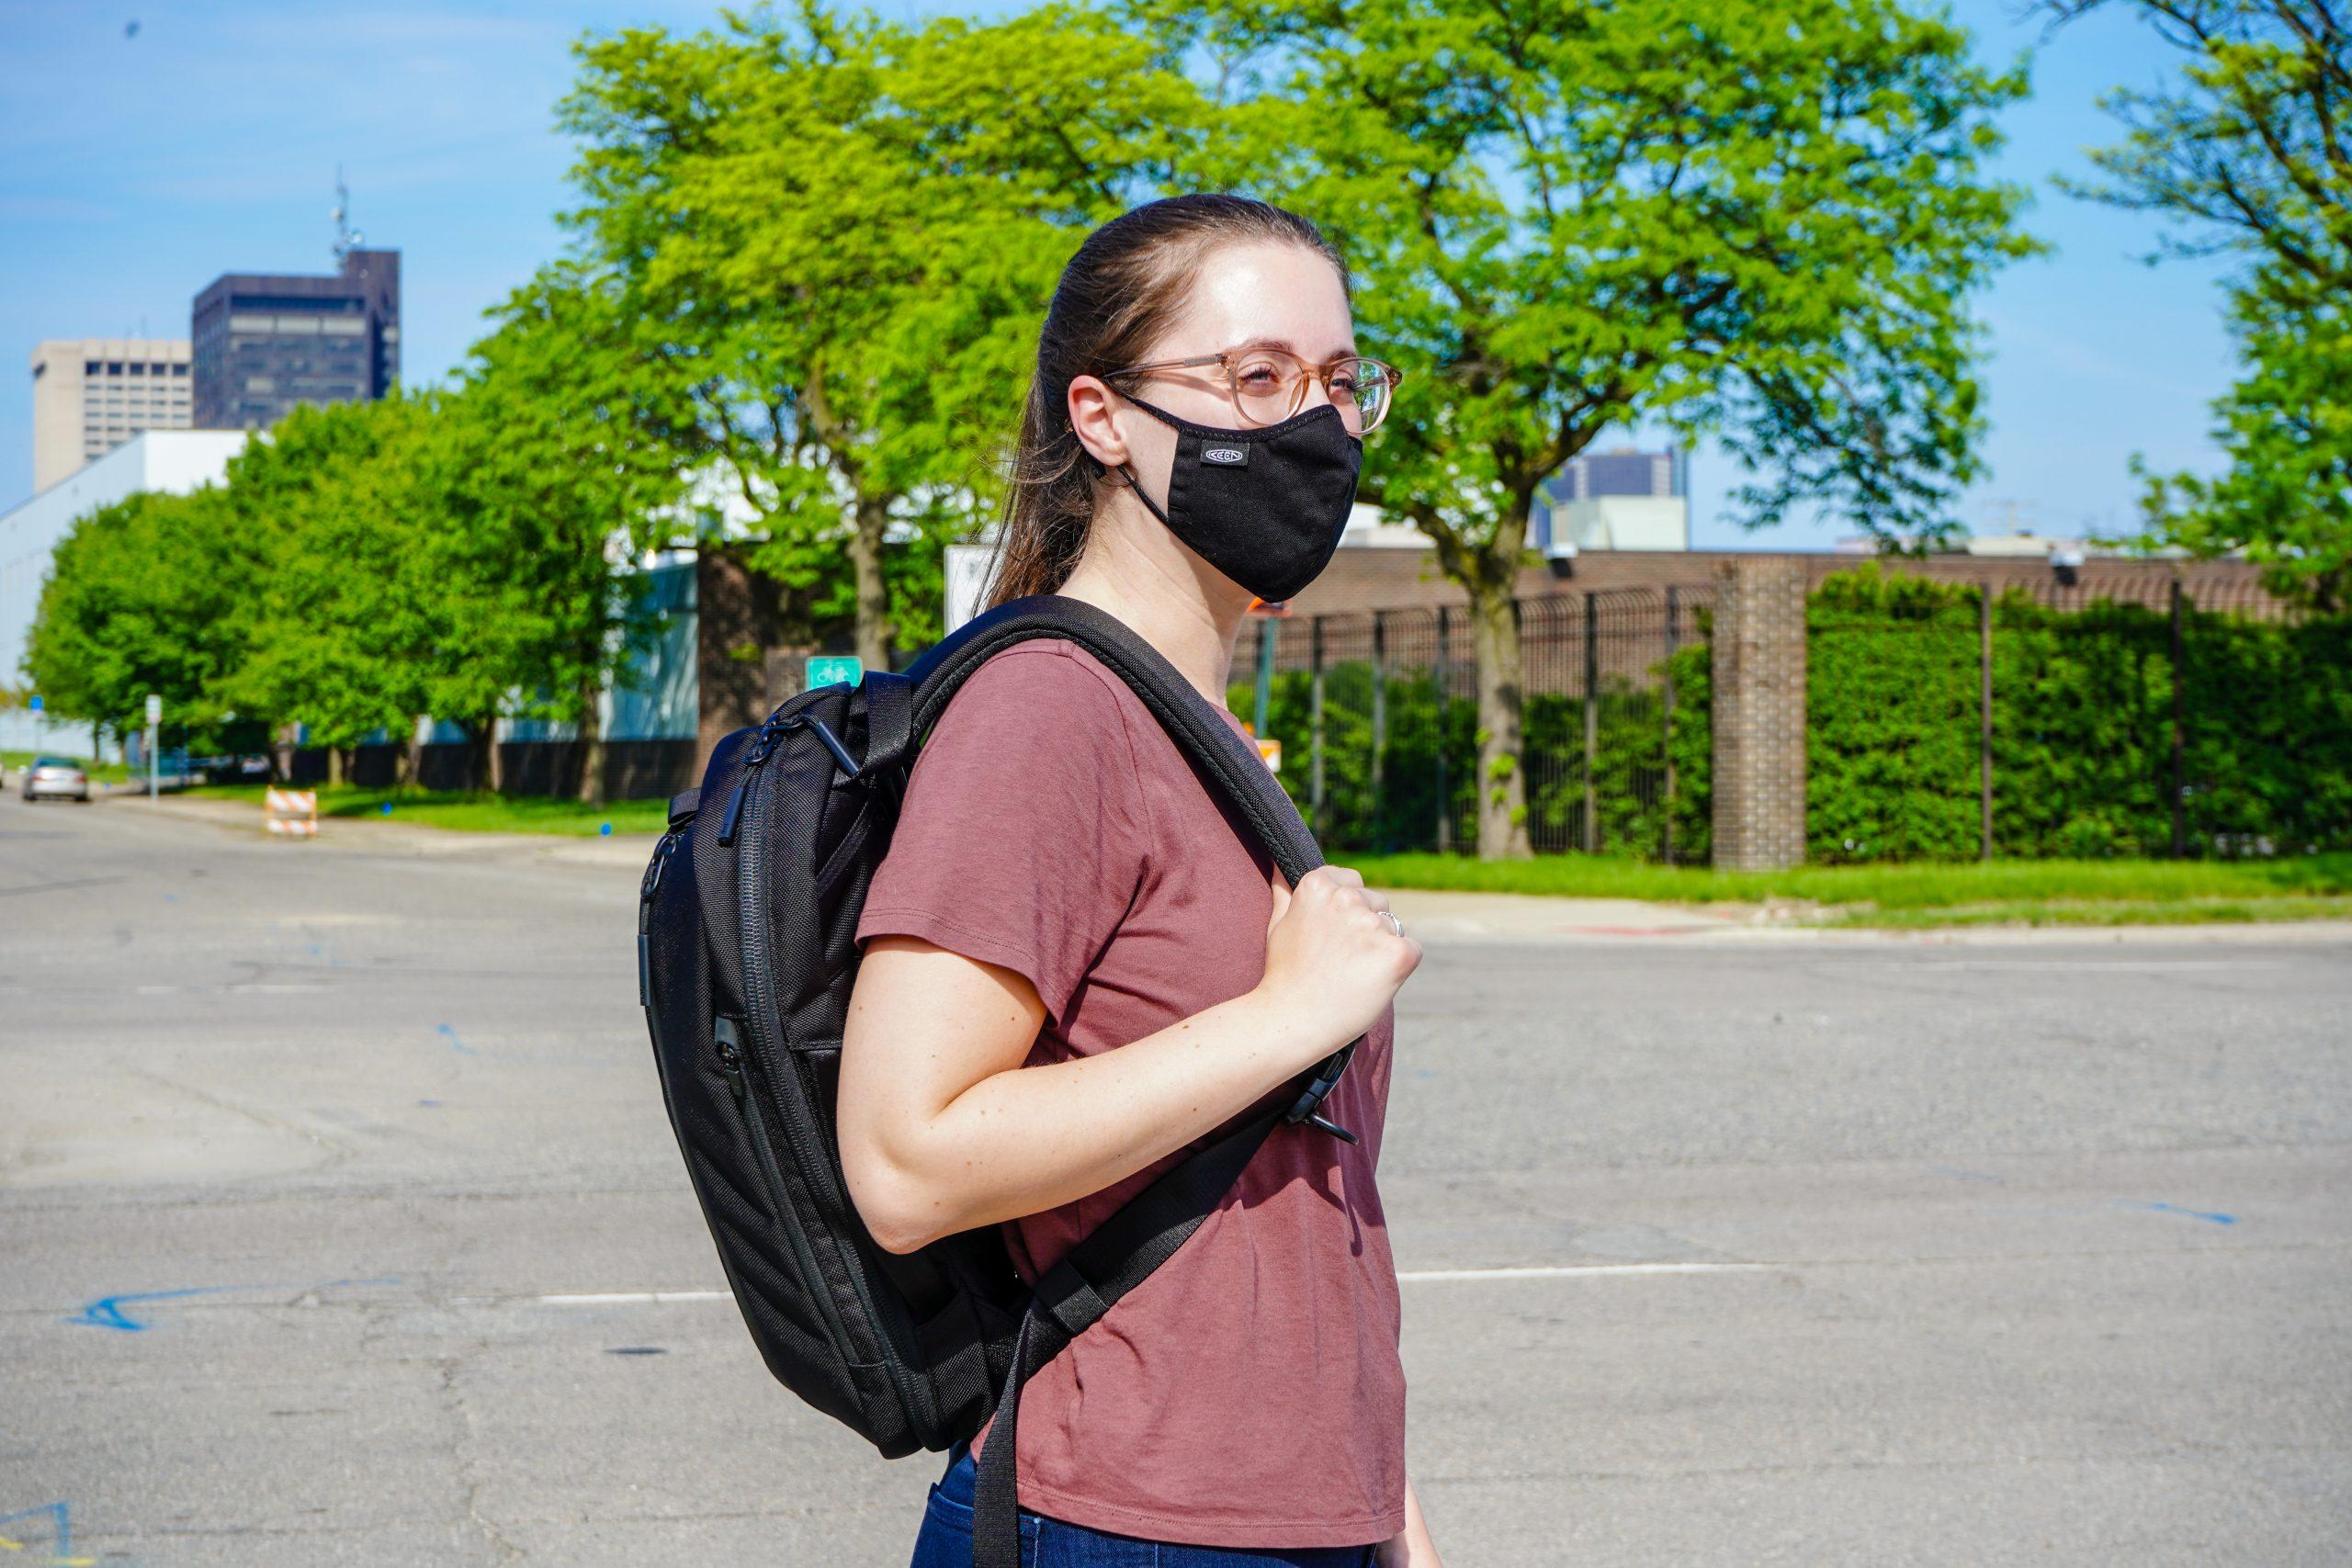 Aer Travel Sling 2 In Detroit